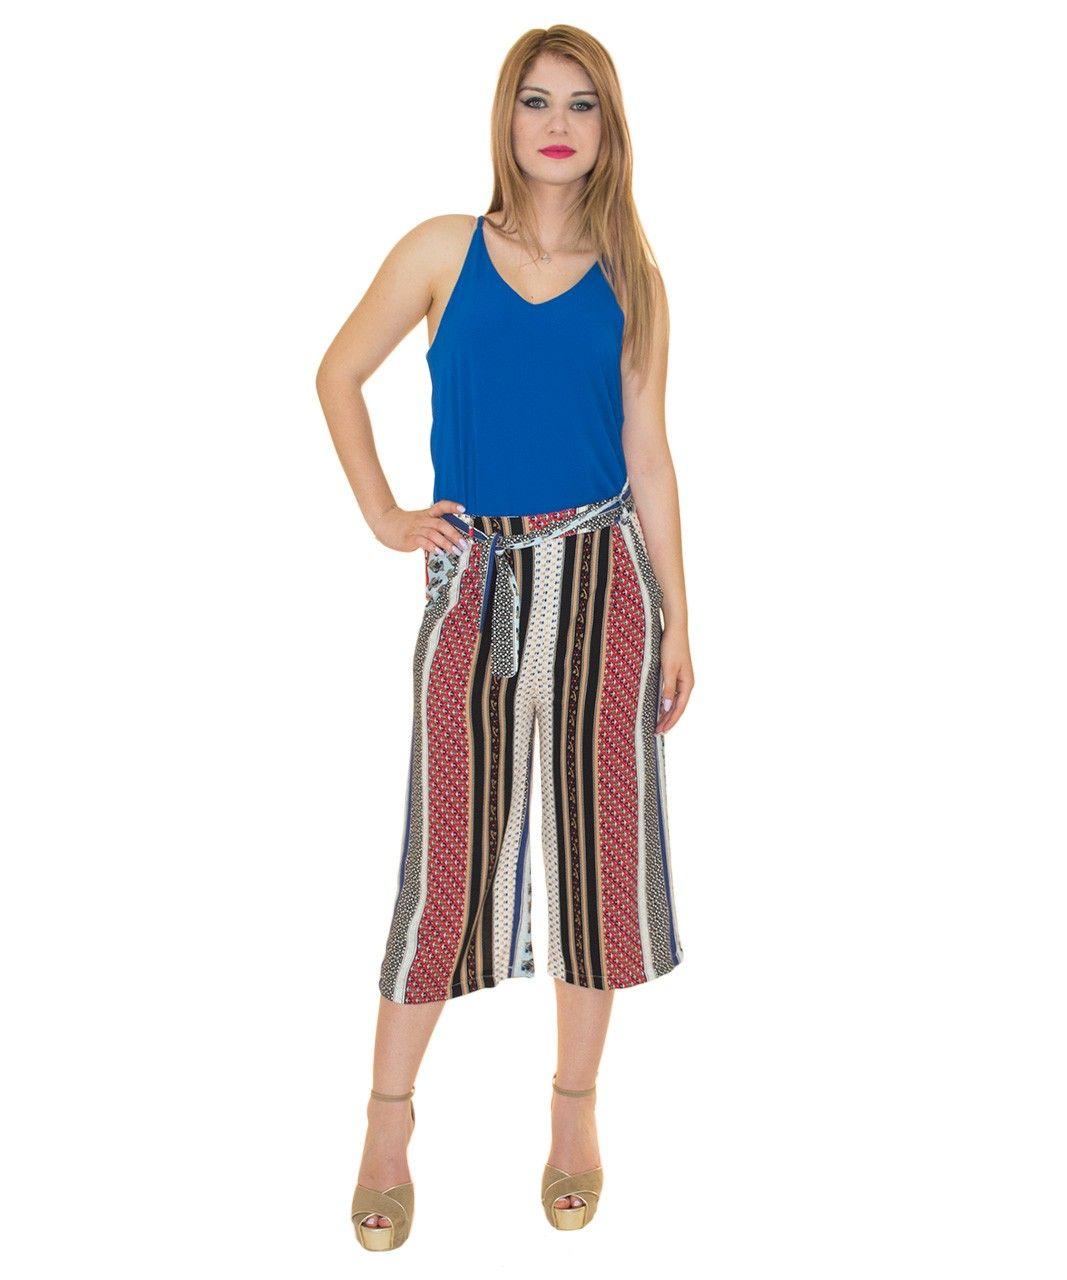 Pin by next fashion on Παντελονια-Σορτς-Φούστες-Ολόσωμες φόρμες ... e5ba0fa31db